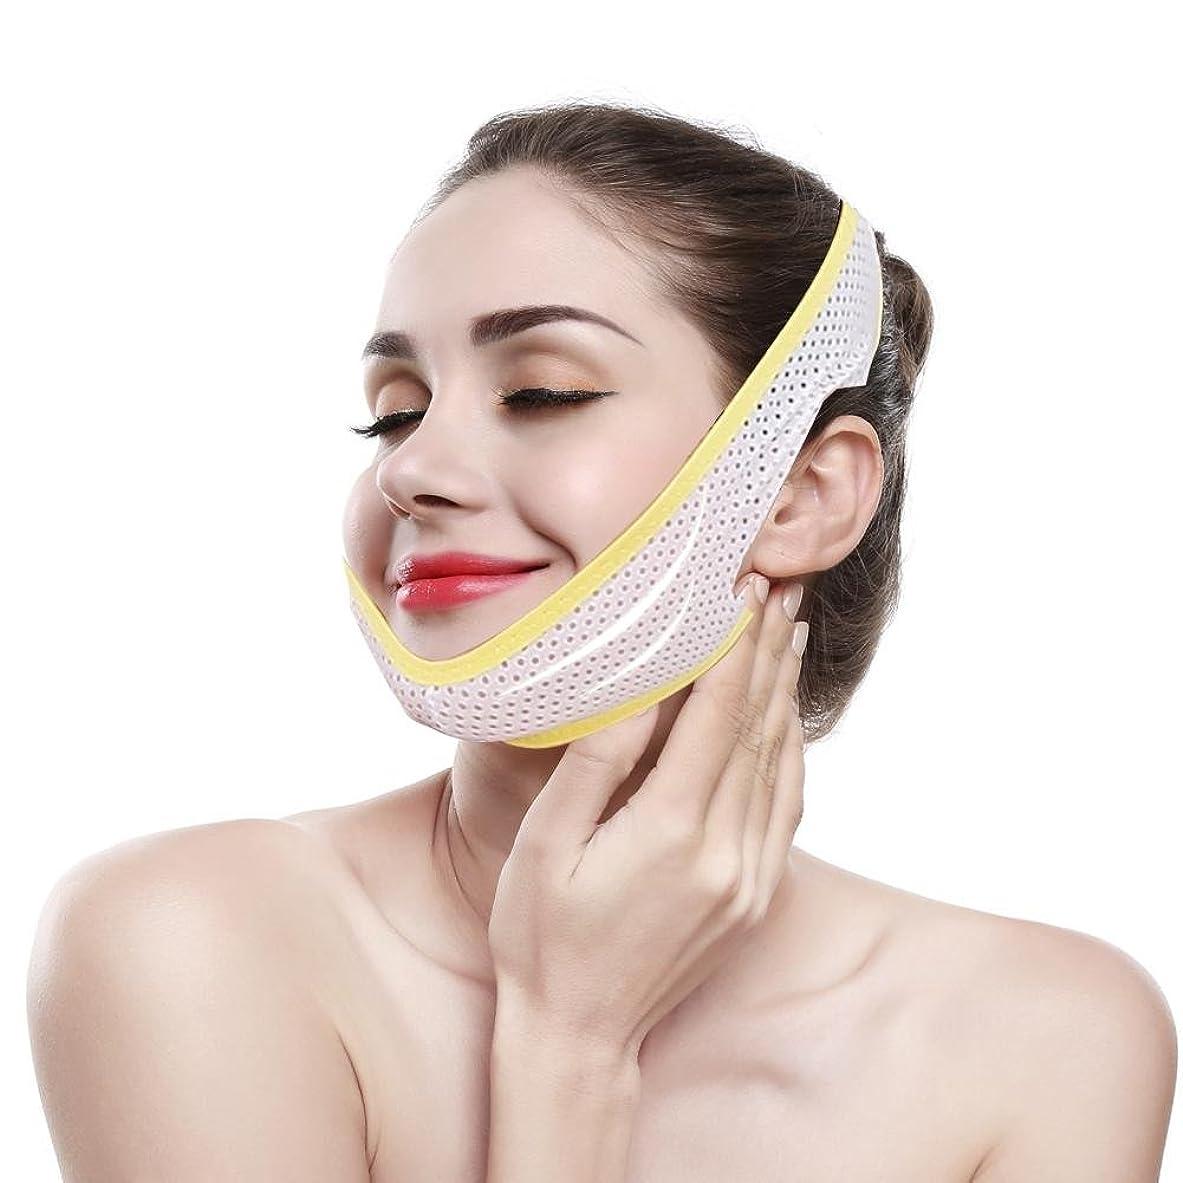 減衰カール押し下げる顎リフト フェイススリミング包帯 フェイスベルト 顔の包帯スリミングダブルチンVラインとフェイシャルケアファーミングスキン 女性の超薄型 フェイスマス クラインベルト スリミング製品マスク(M)